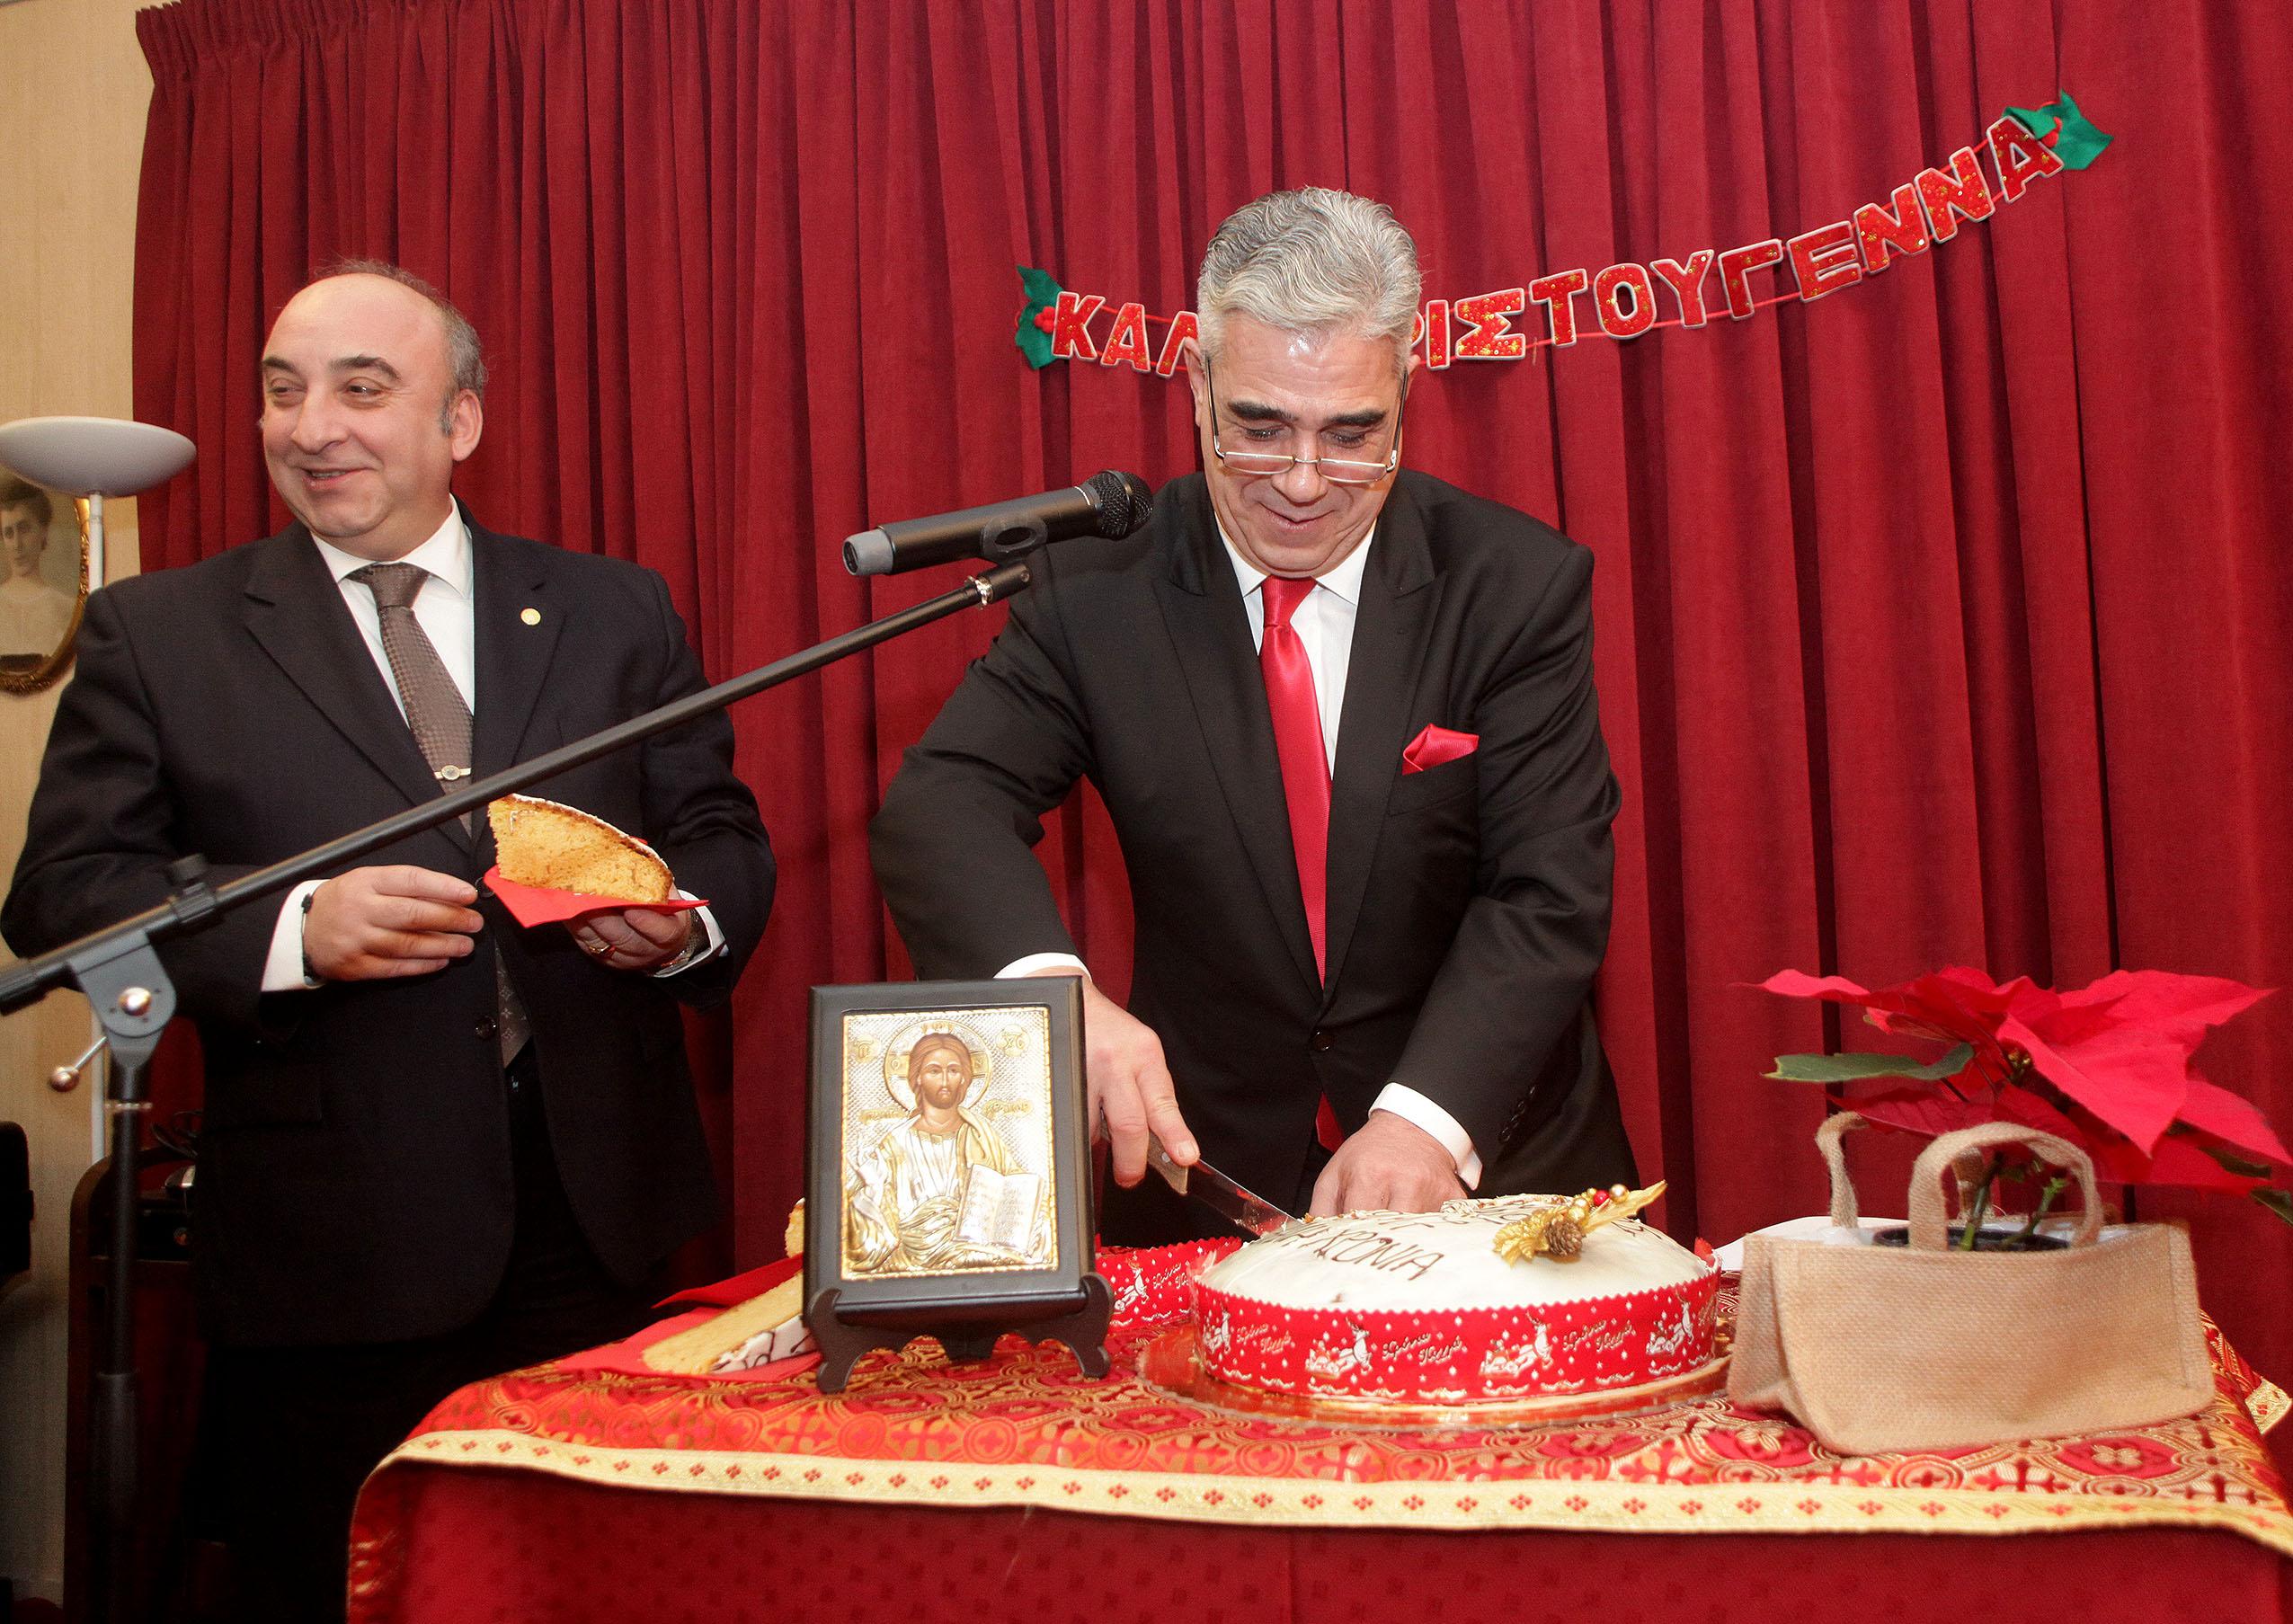 Ο Πρόεδρος του Συλλόγου των Αθηναίων κ. Ελευθέριος Σκιαδάς και ο Γενικός Γραμματέας κ. Εμμανουήλ Καρανίκας κατά την κοπή της Βασιλόπιττας